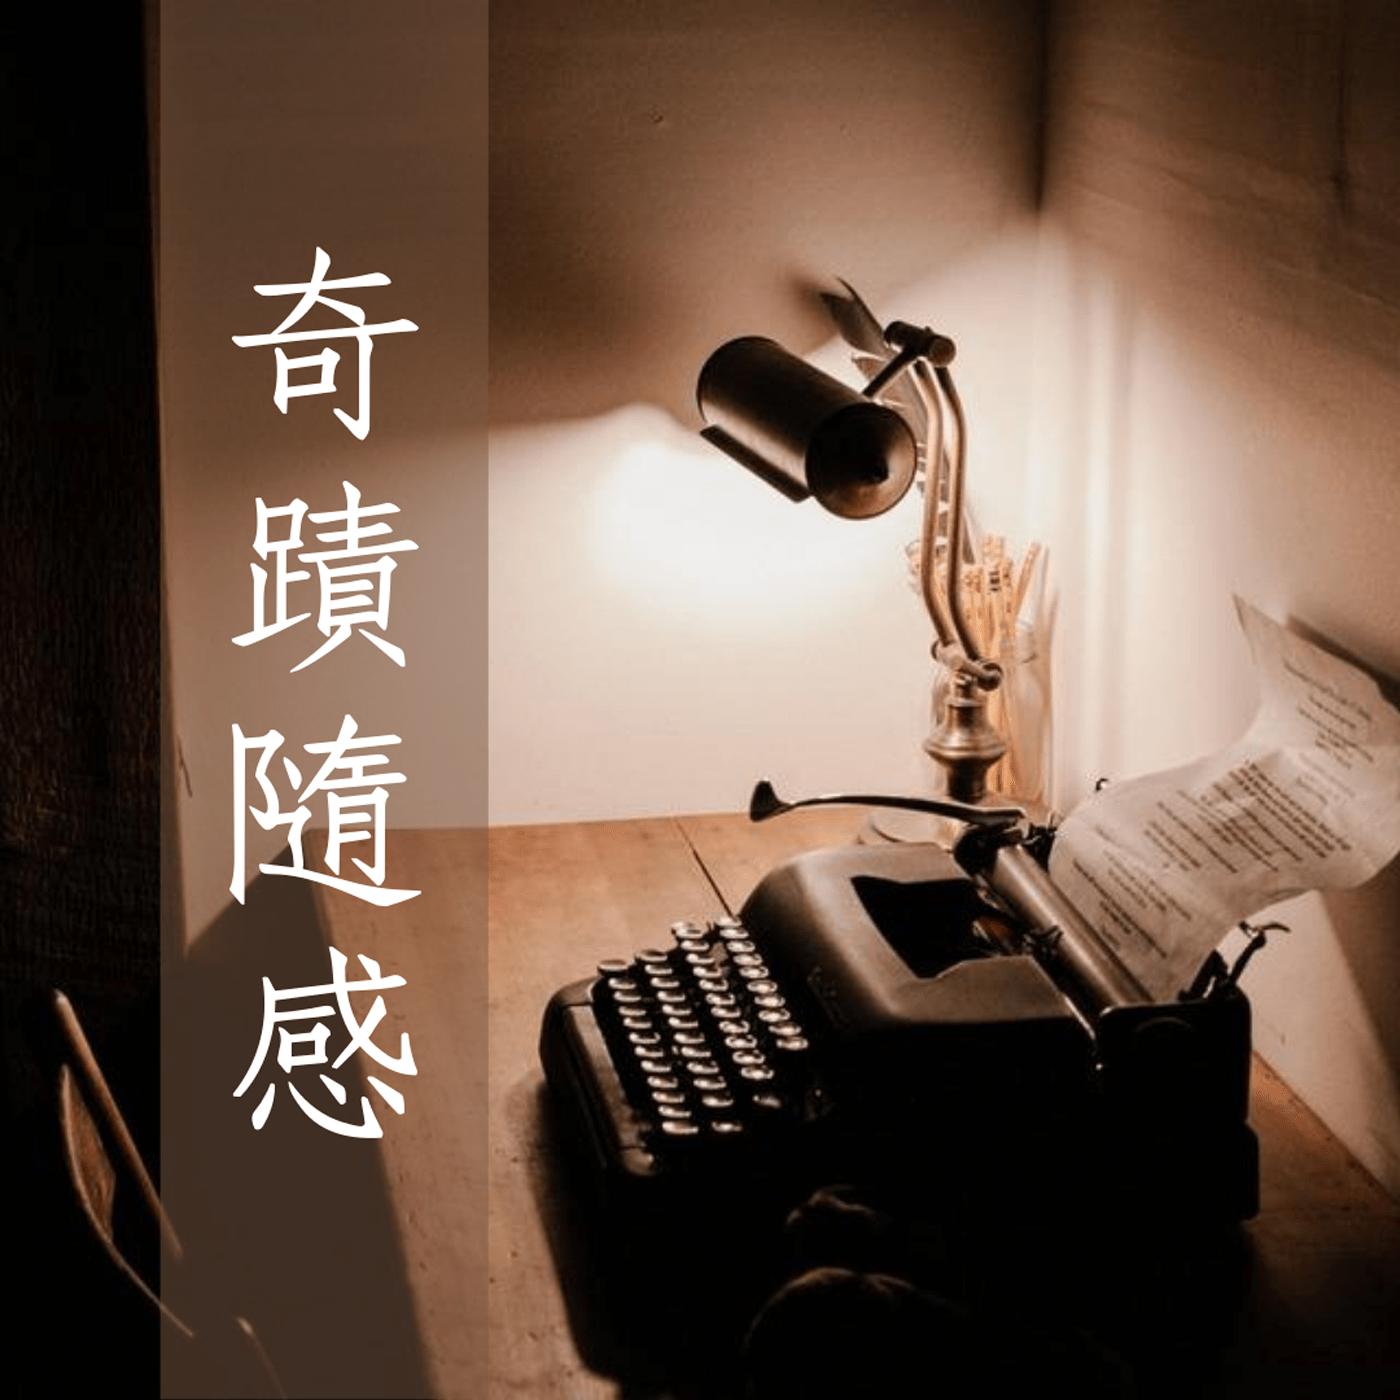 新年沒有新希望|奇蹟隨感 EP 68